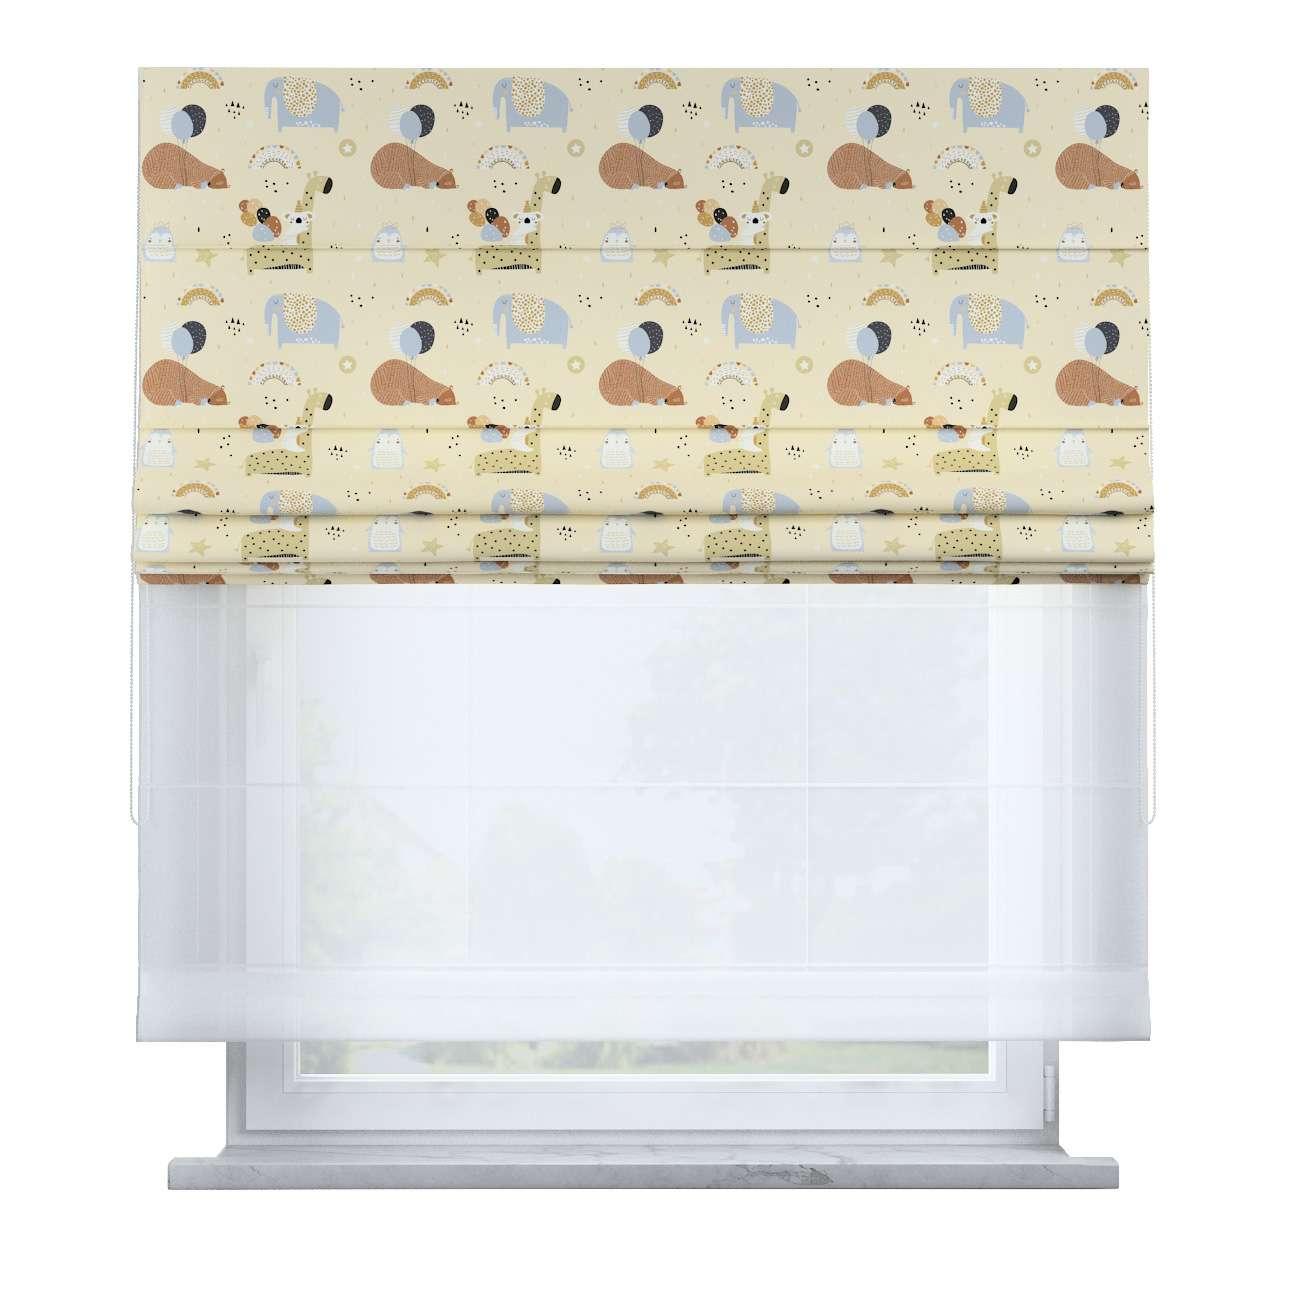 Dvojitá římská roleta v kolekci Magic Collection, látka: 500-46